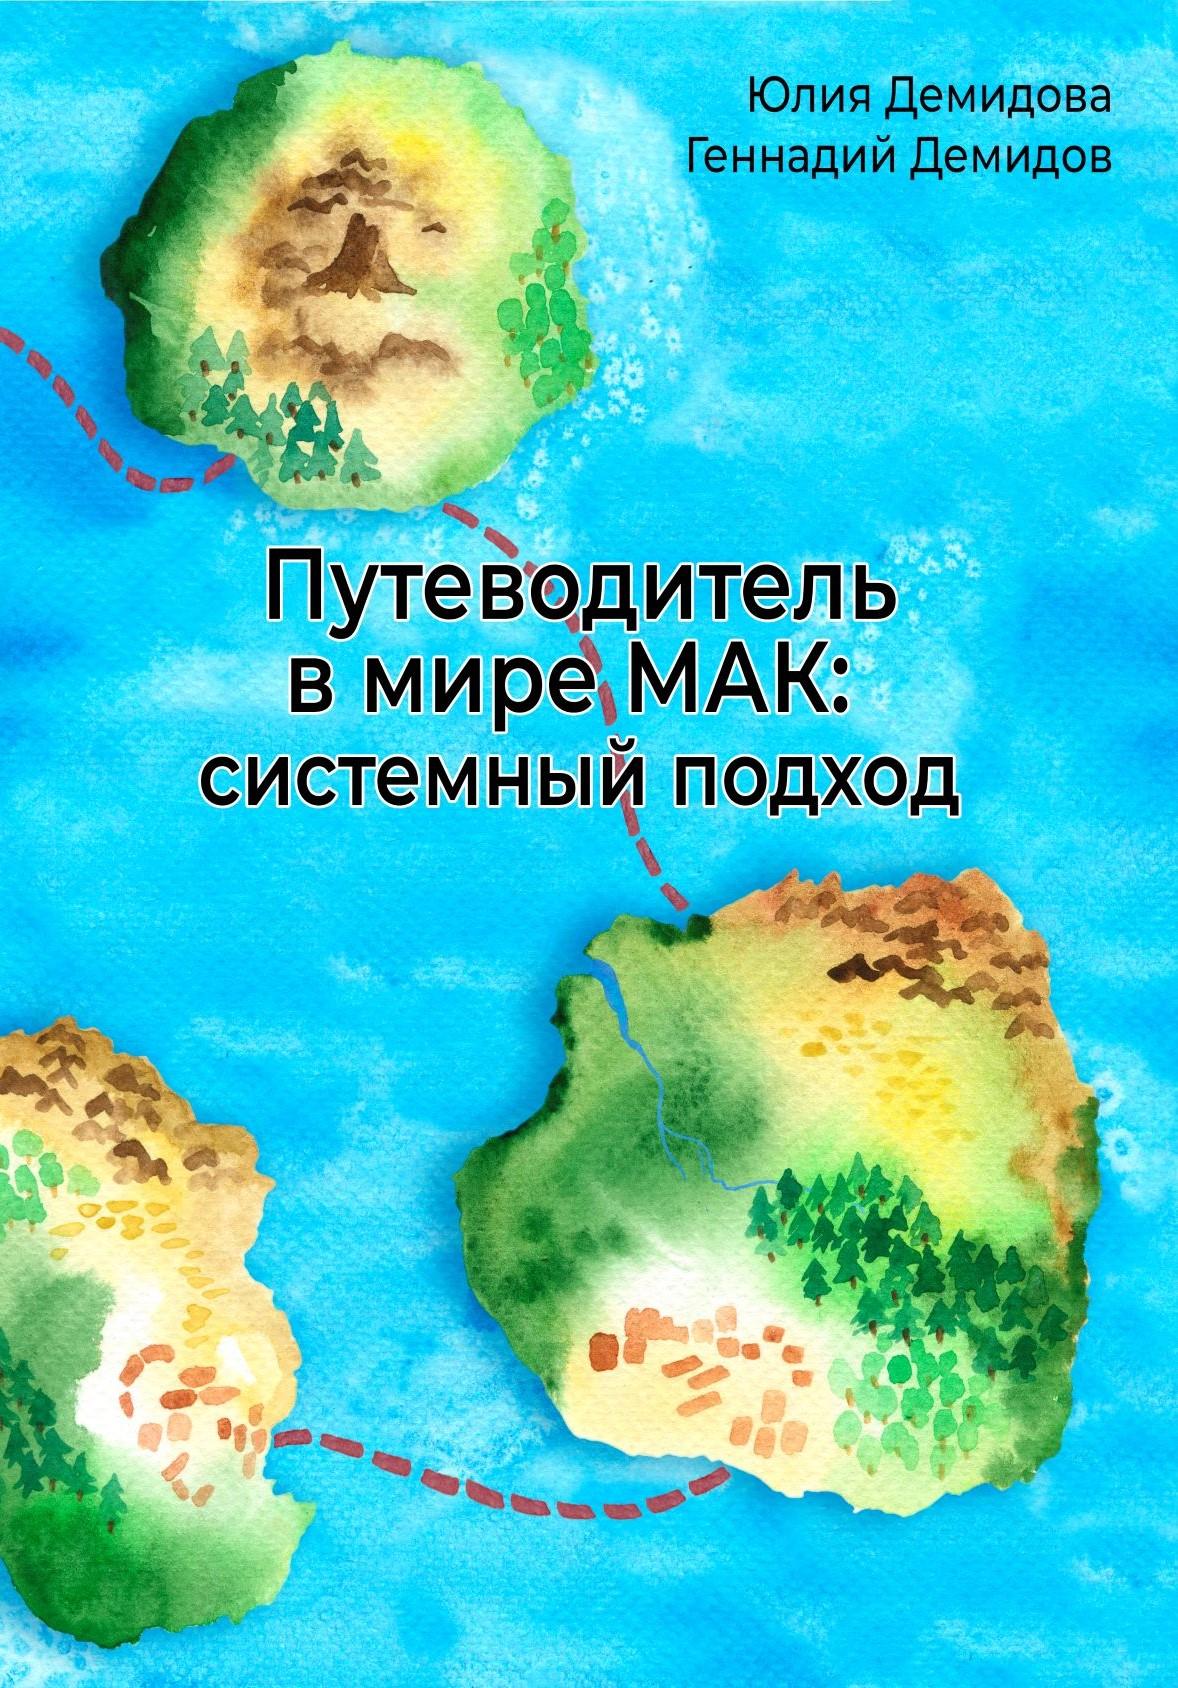 Обложка_Путеводитель в мире МАК - ОК-мал-половина